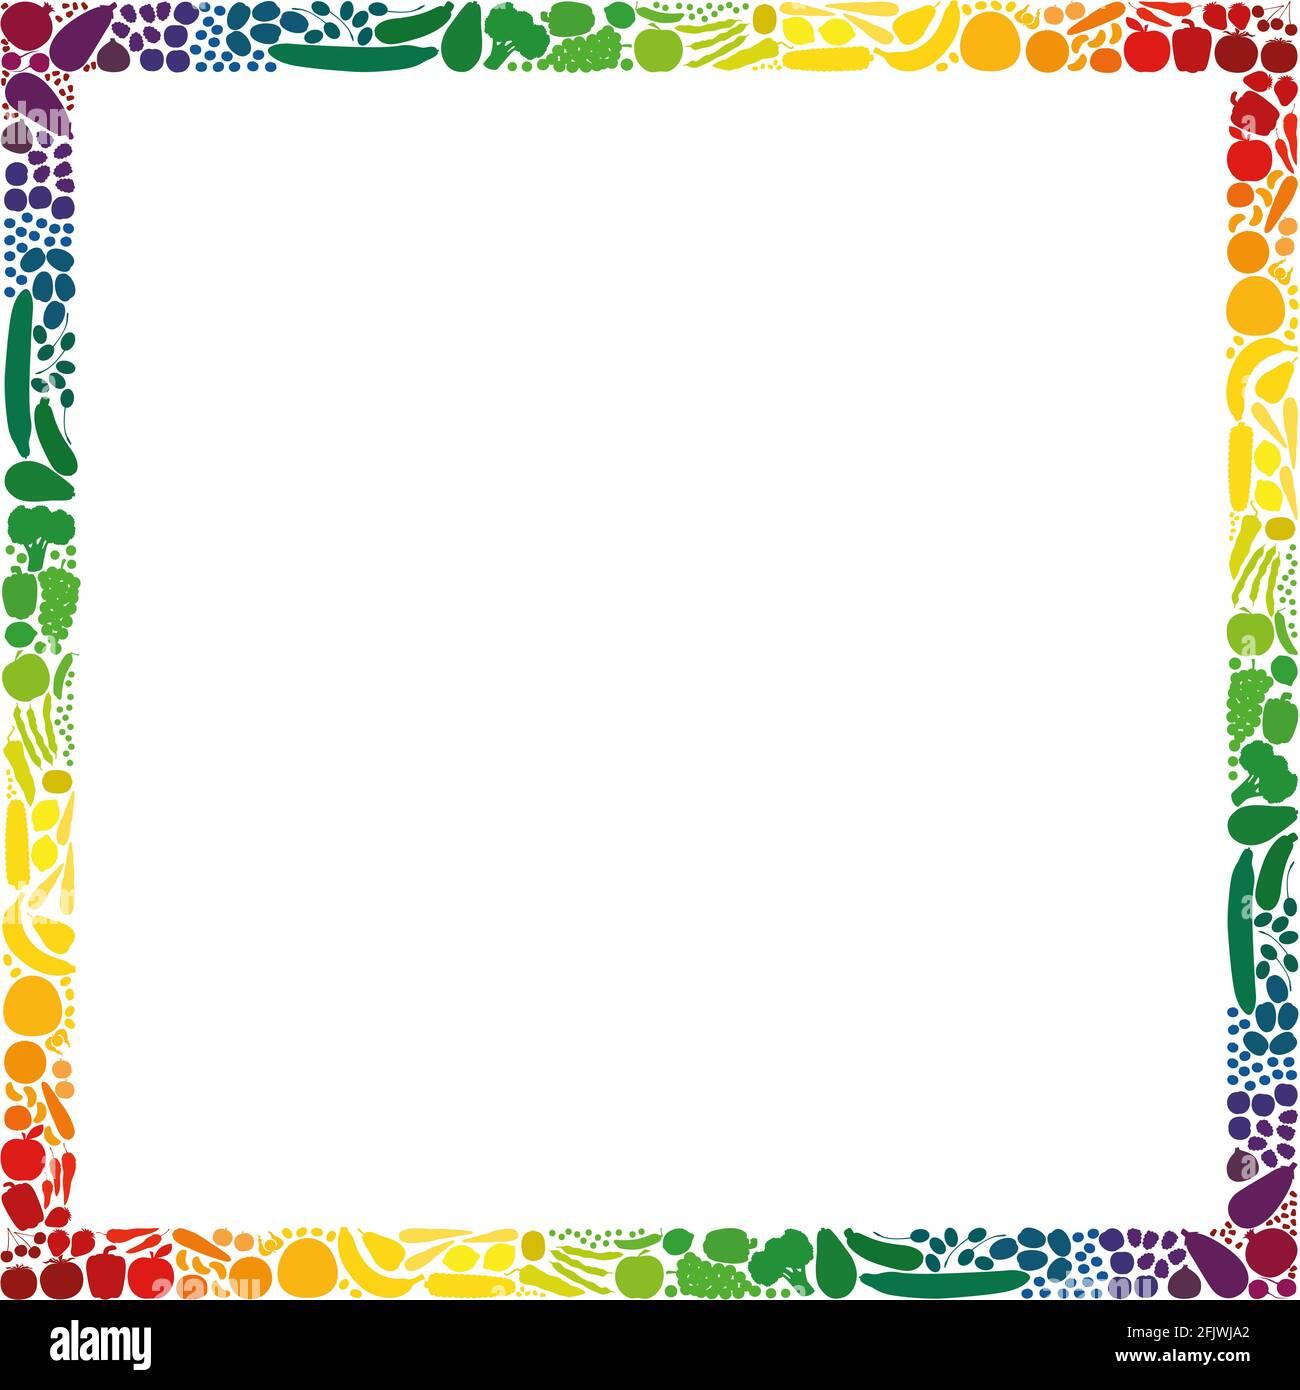 Frutas y verduras, marco de formato cuadrado, colección de colores con degradado de arco iris - ilustración sobre fondo blanco. Foto de stock